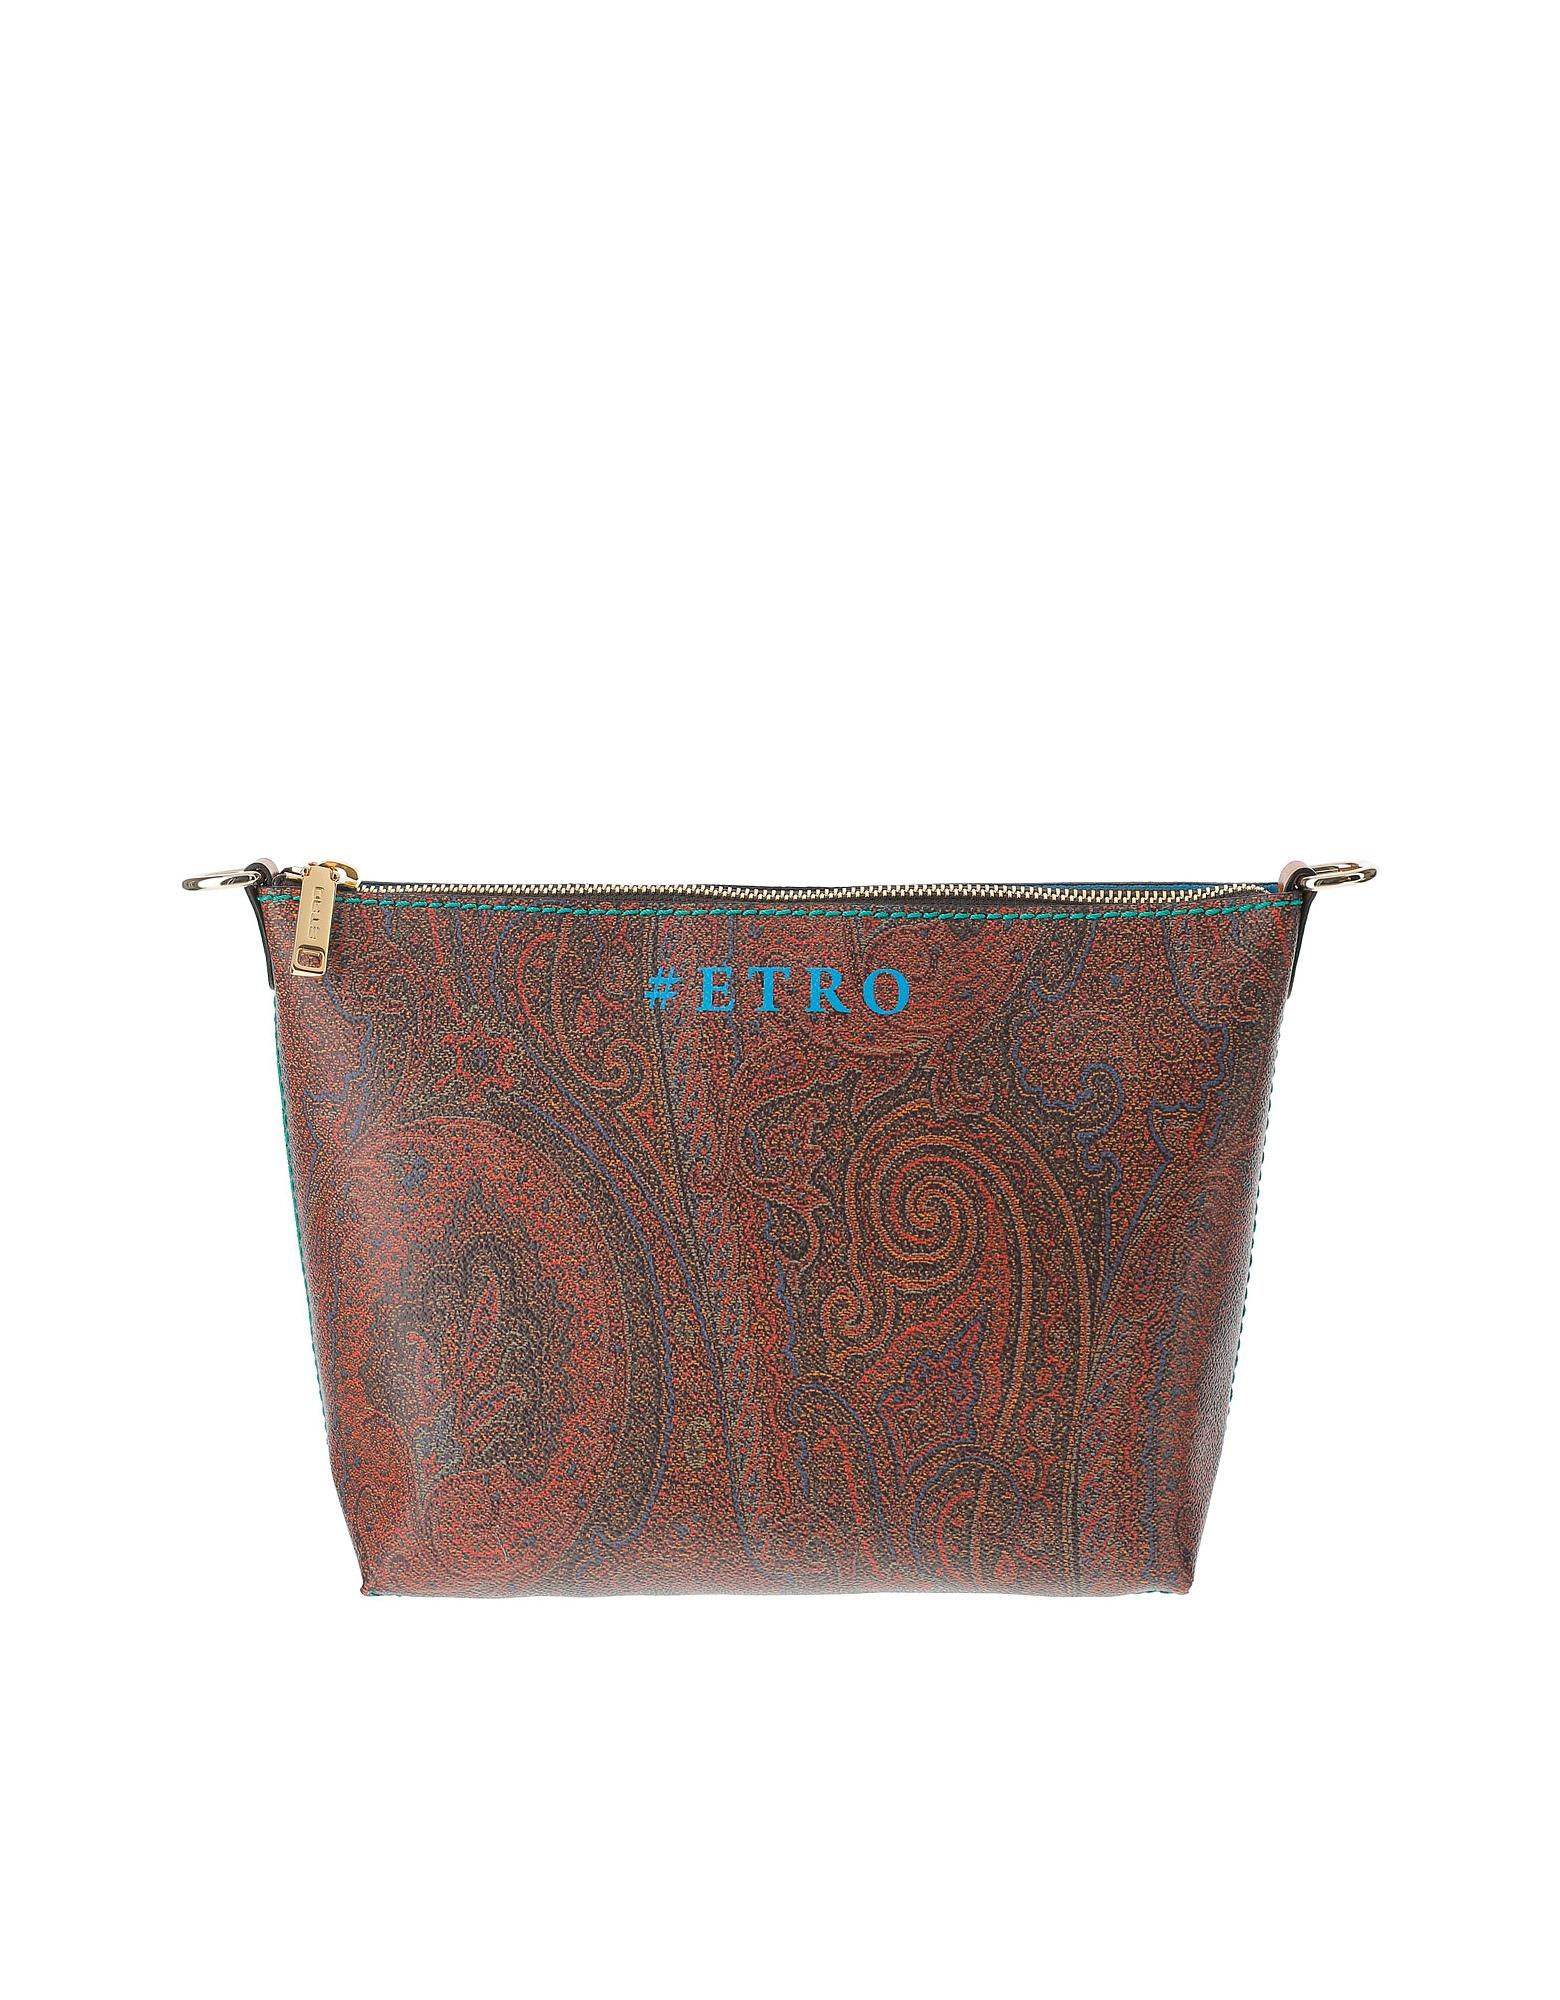 Etro Designer Handbags, Paisley Jacquard Canvas Pouch w/Shoulder Strap